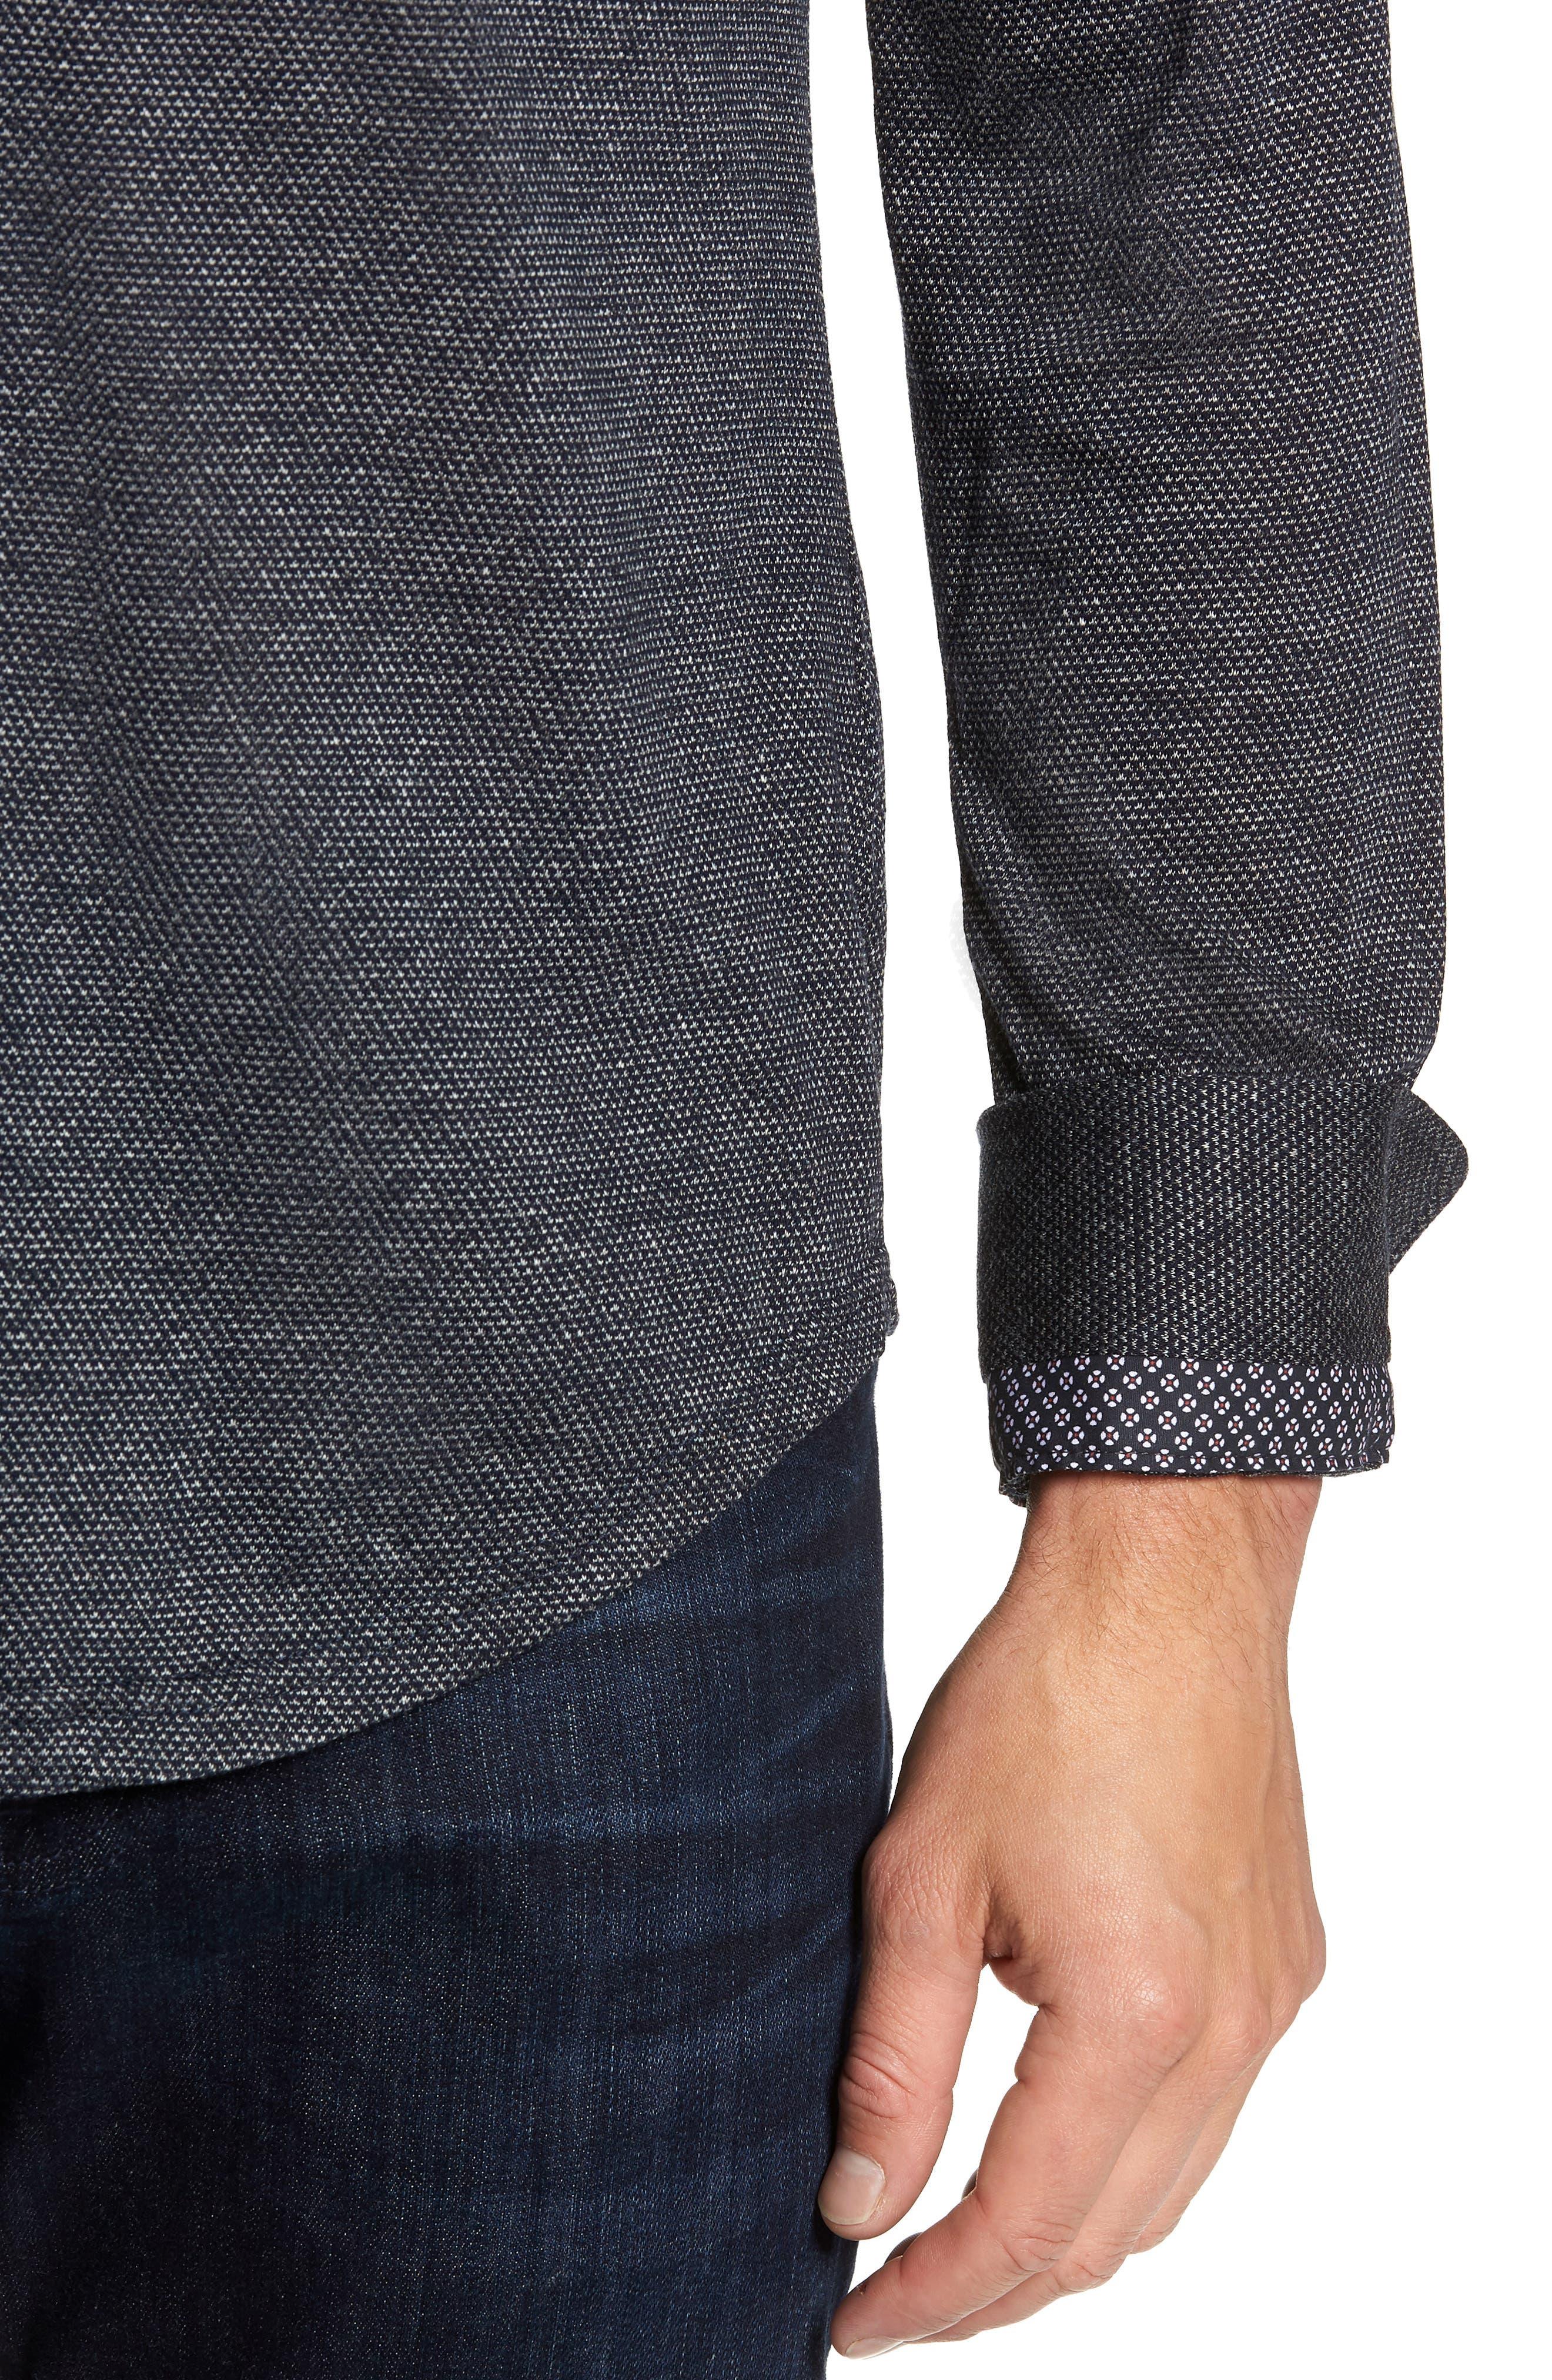 Trim Fit Jacquard Knit Sport Shirt,                             Alternate thumbnail 2, color,                             BLACK